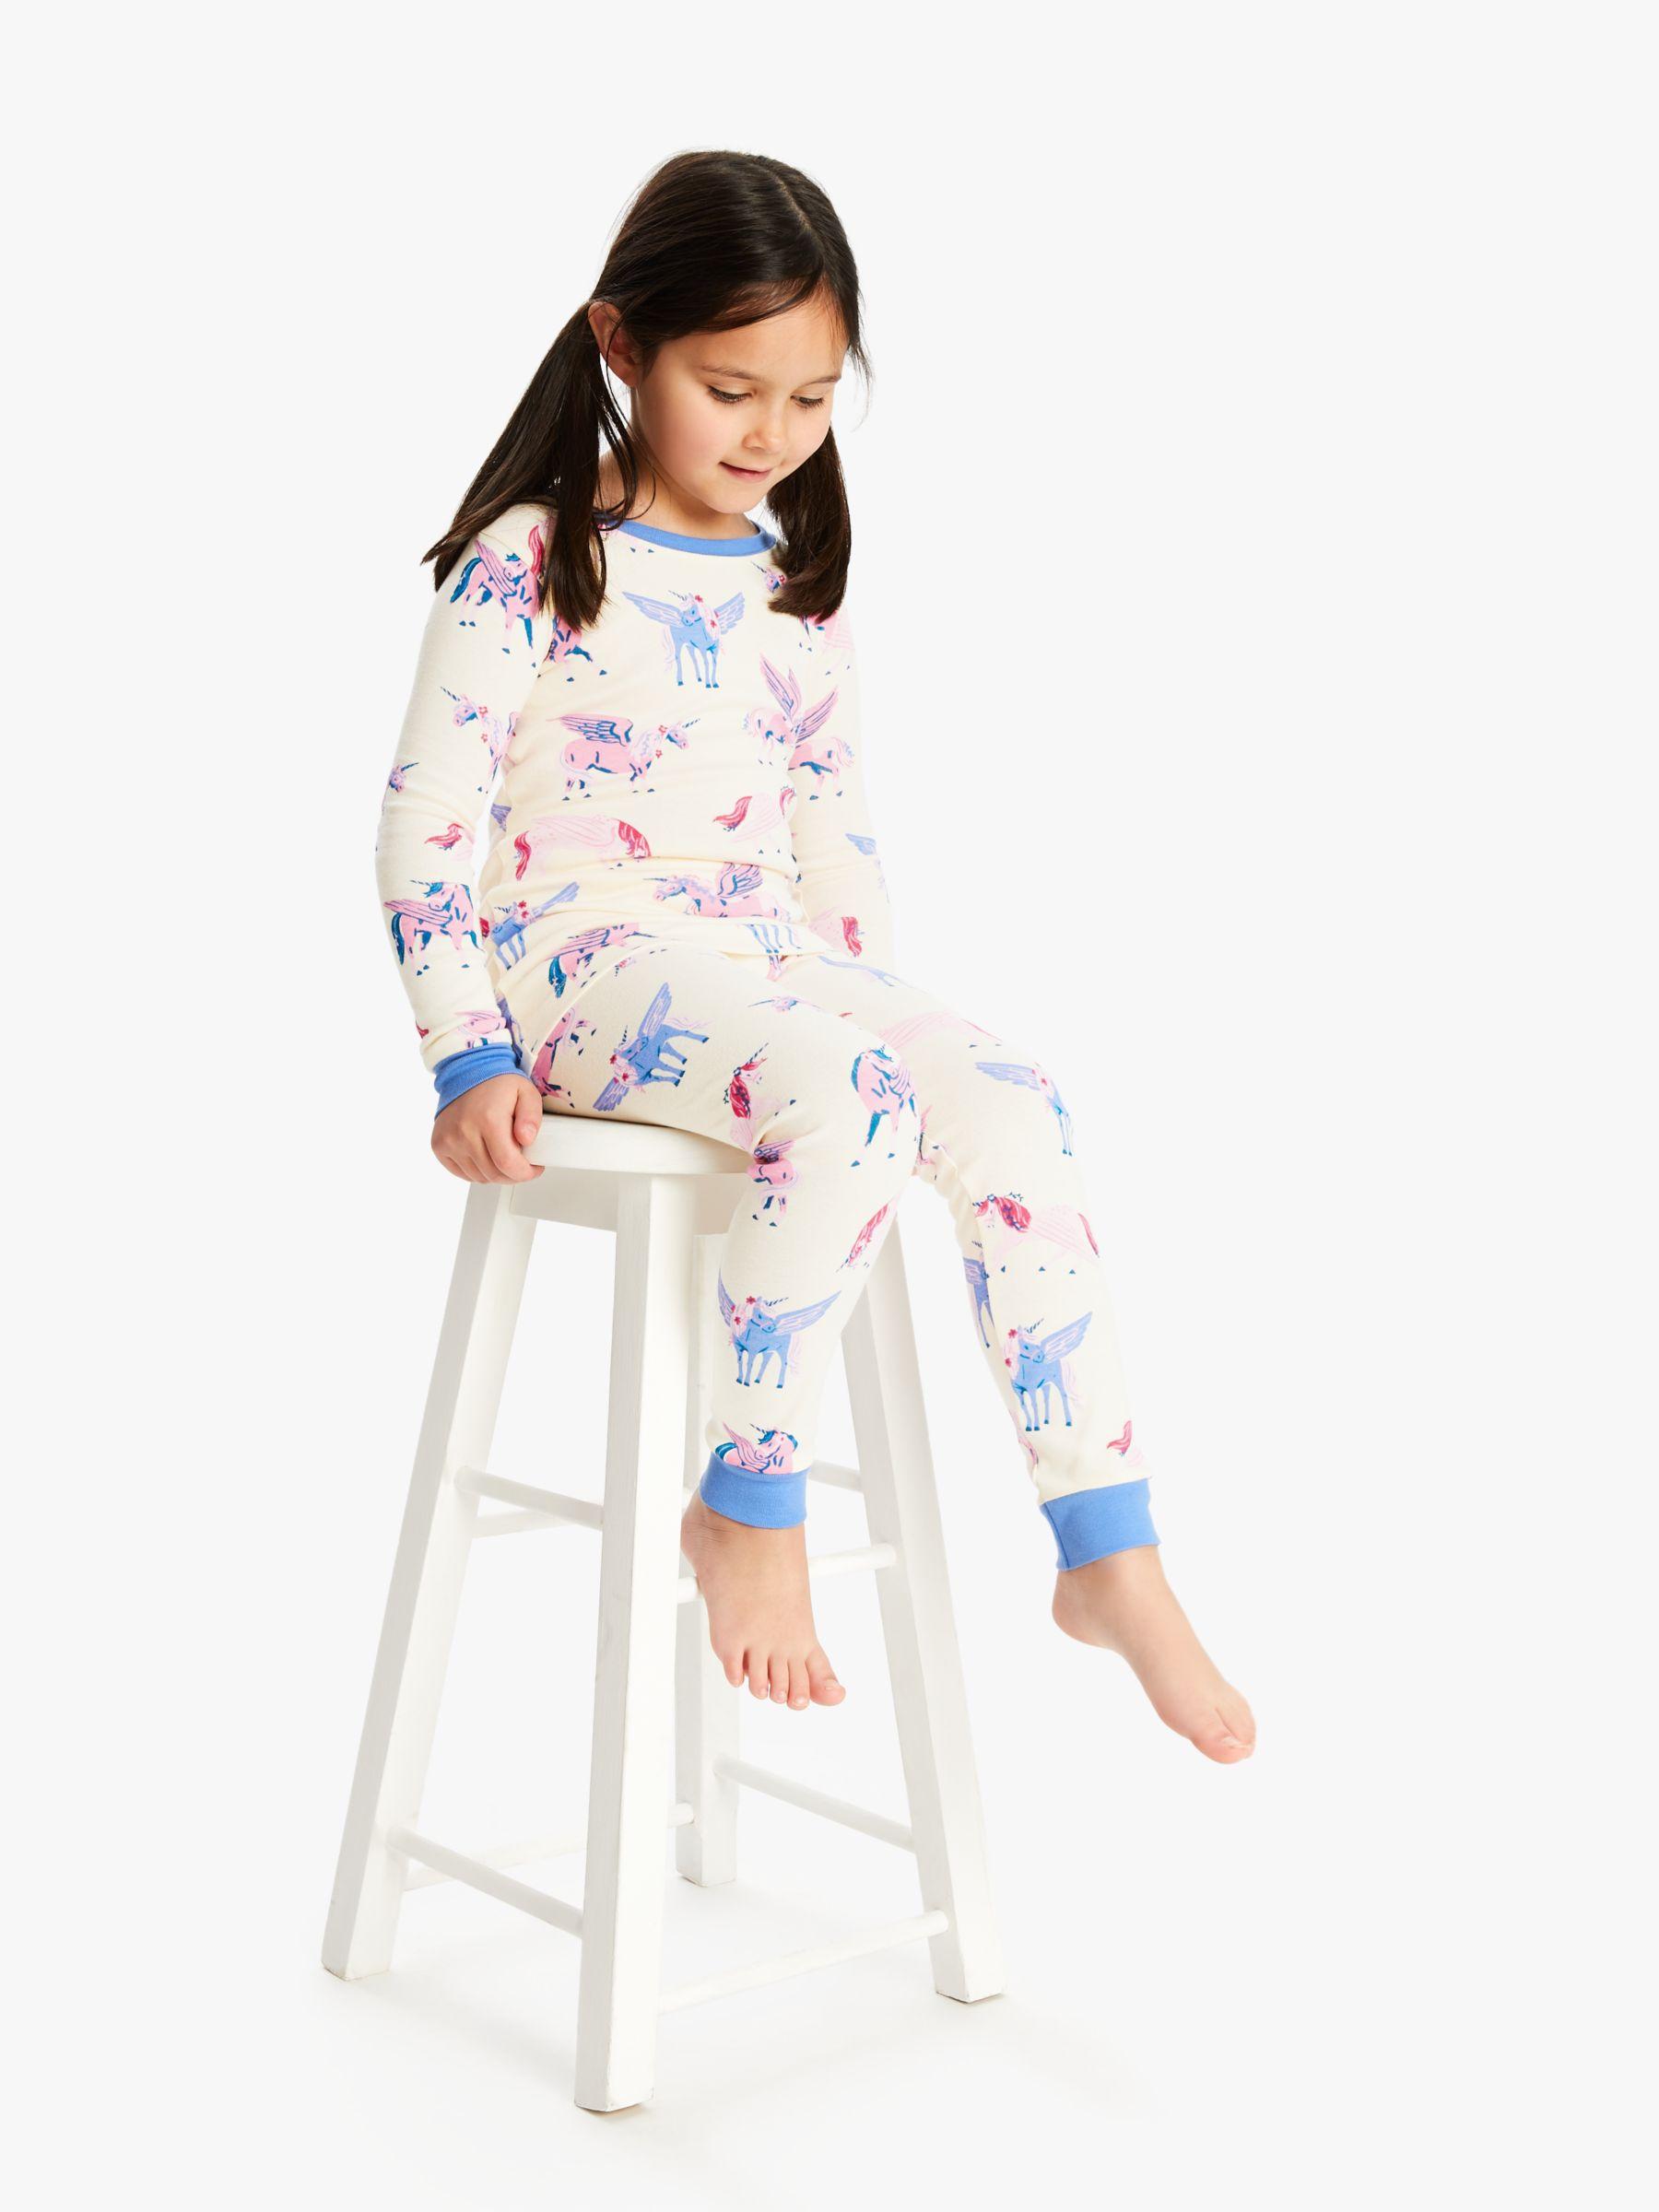 Hatley Hatley Girls' Unicorn Print Pyjamas, White